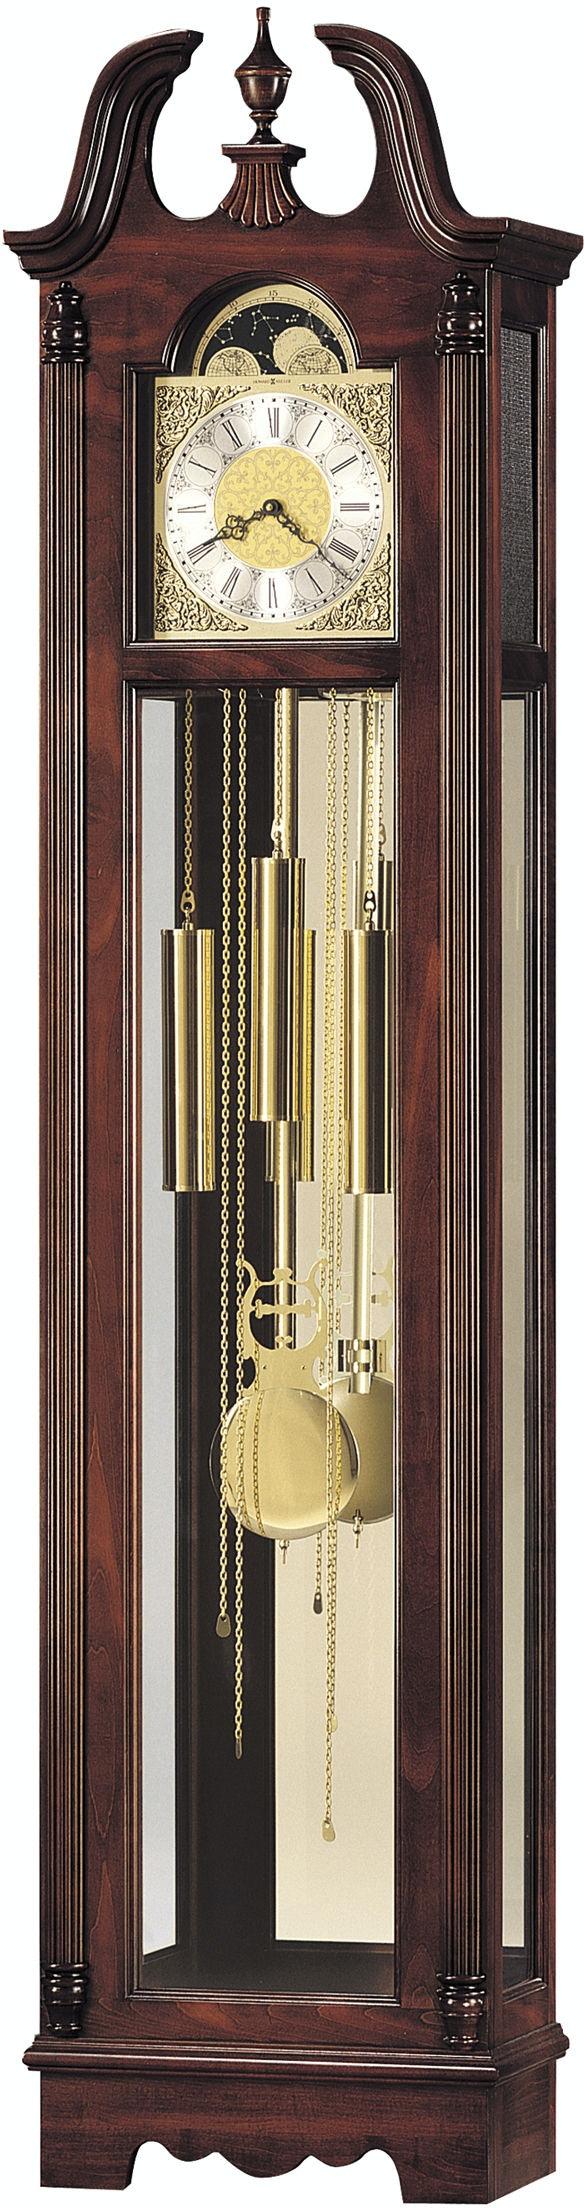 Howard Miller Accessories Nottingham Floor Clock 610733